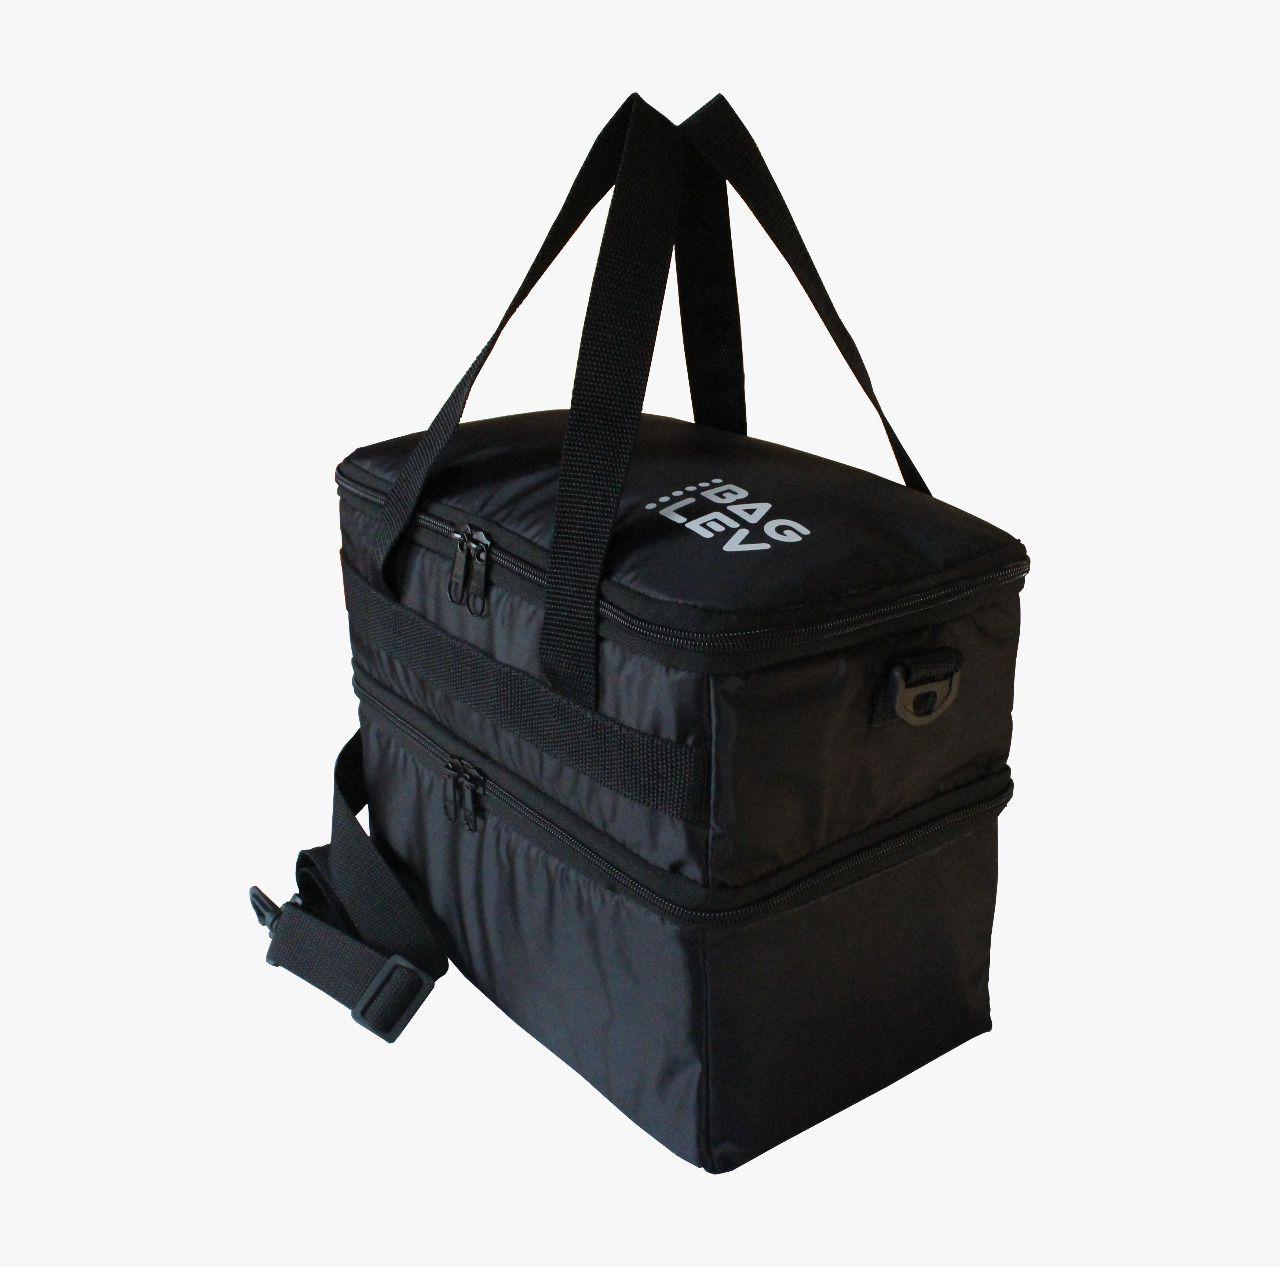 Bolsa Térmica Marmita Fitness Quente E Frio Bag Lev + Brinde